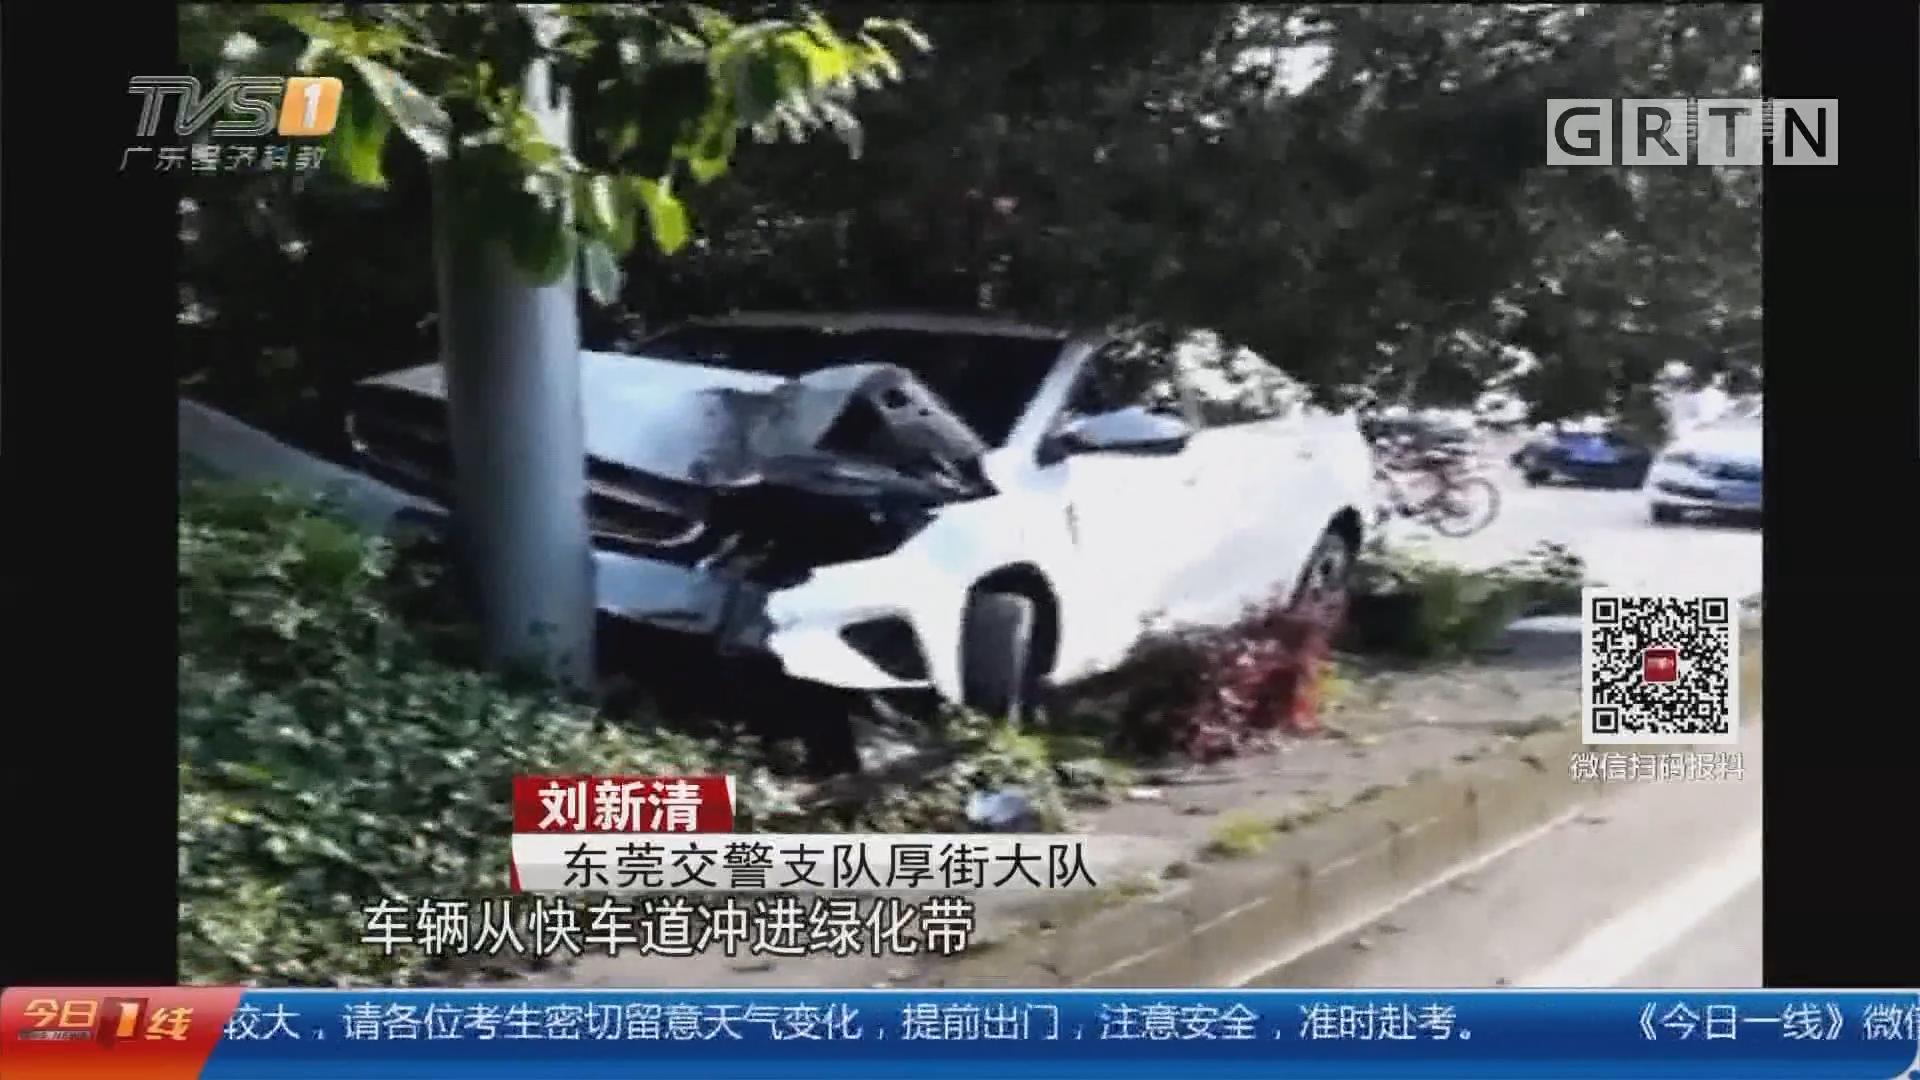 东莞厚街:司机宿醉未醒 竟开车冲进绿化带